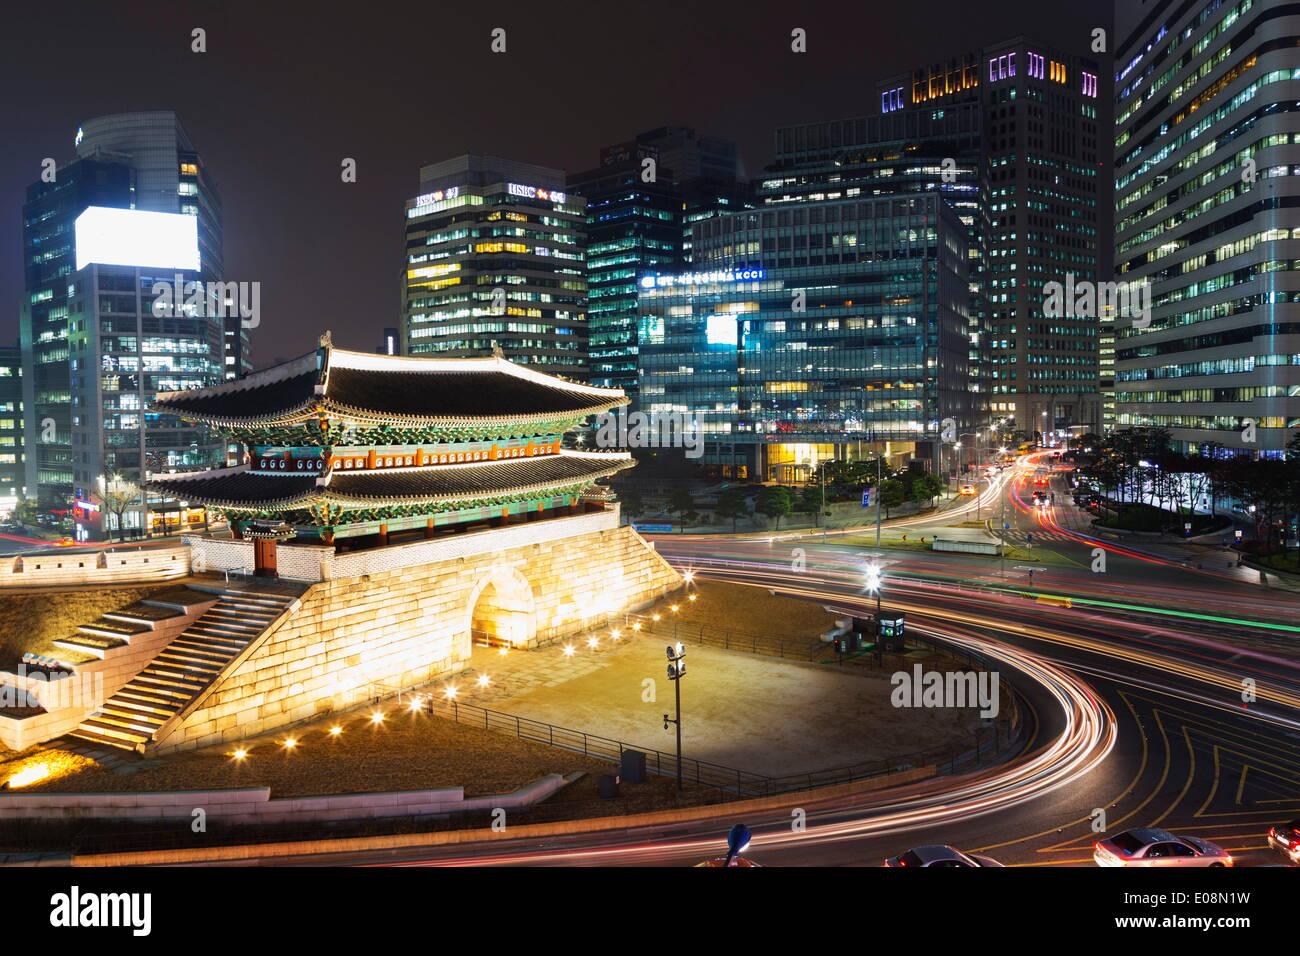 Nandaemun South Gate en la noche, Seúl, Corea del Sur, Asia Imagen De Stock